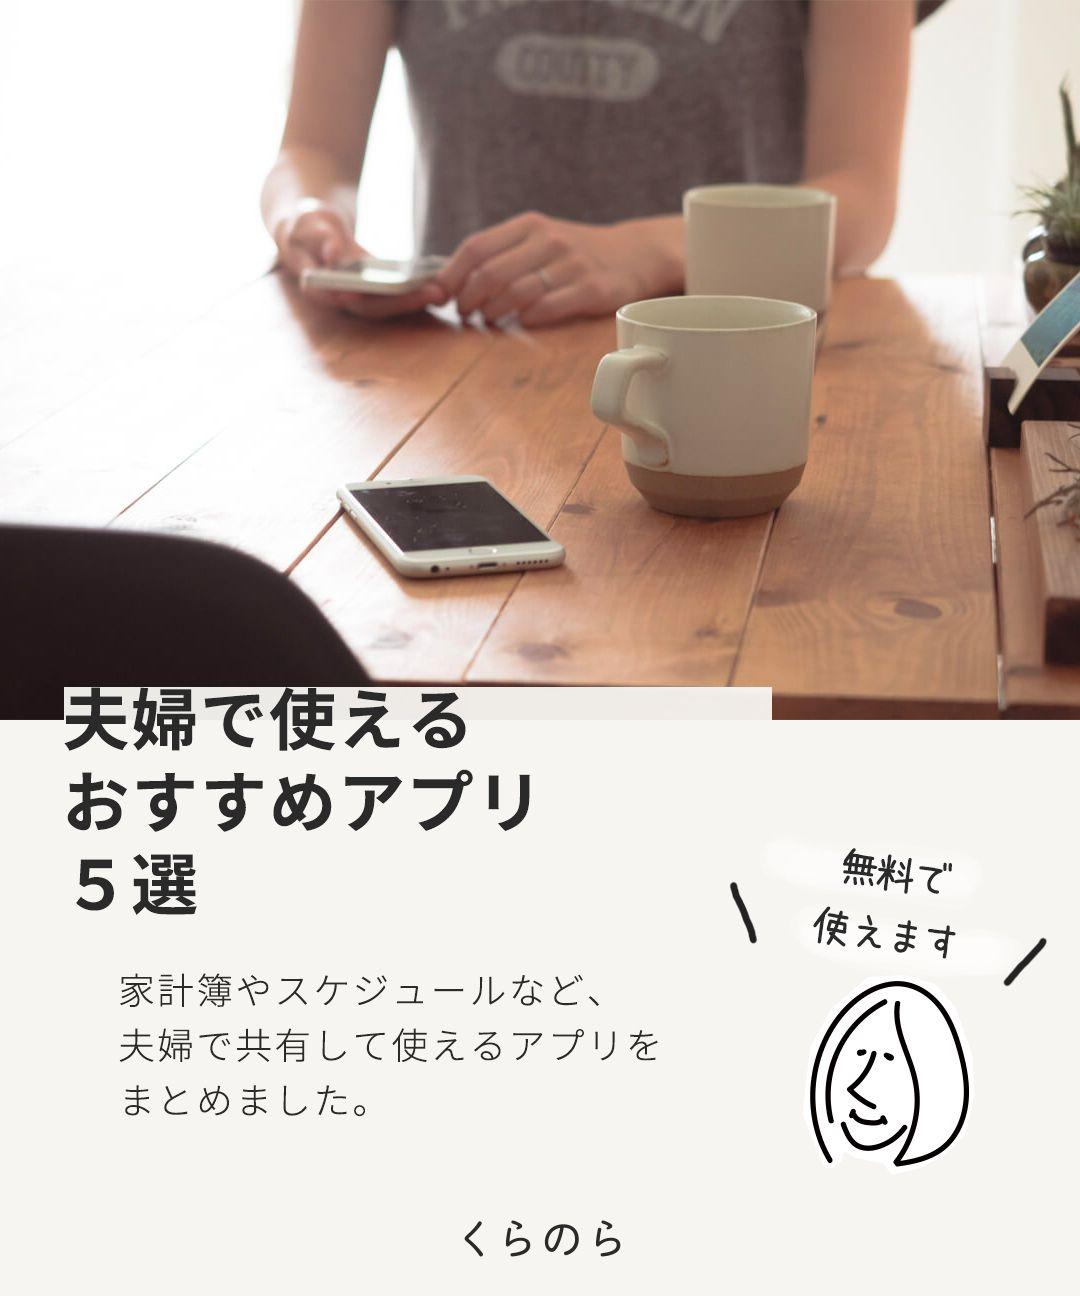 めんどくさがり屋におすすめの家計簿アプリと手書き家計簿を厳選 家計